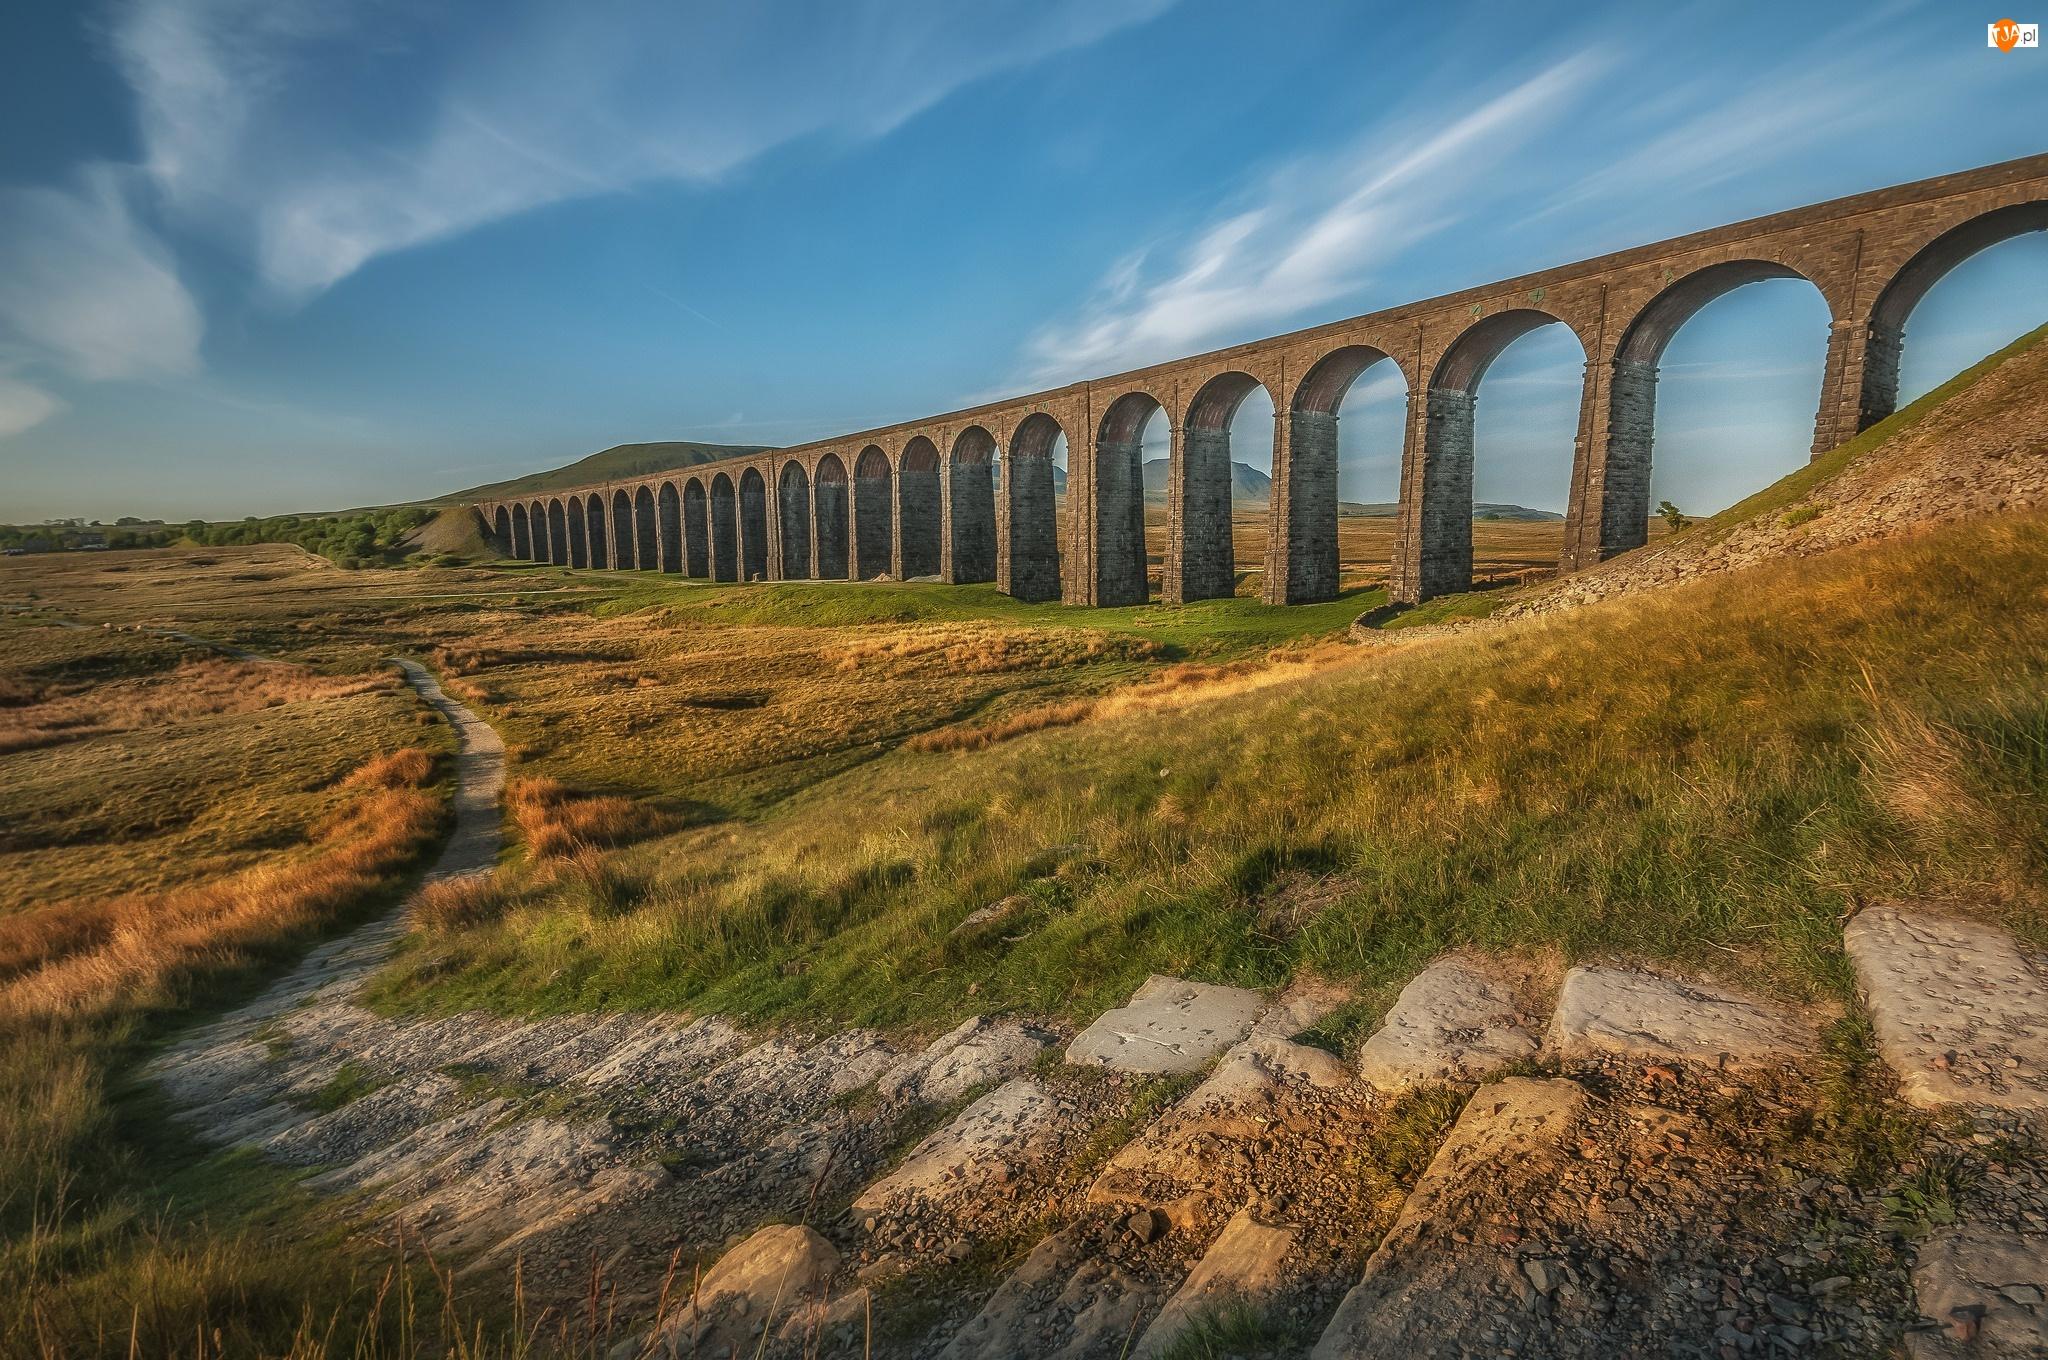 Dróżka, Most, Yorkshire, Anglia, Trawa, Wiadukt kolejowy Ribblehead, Kamienie